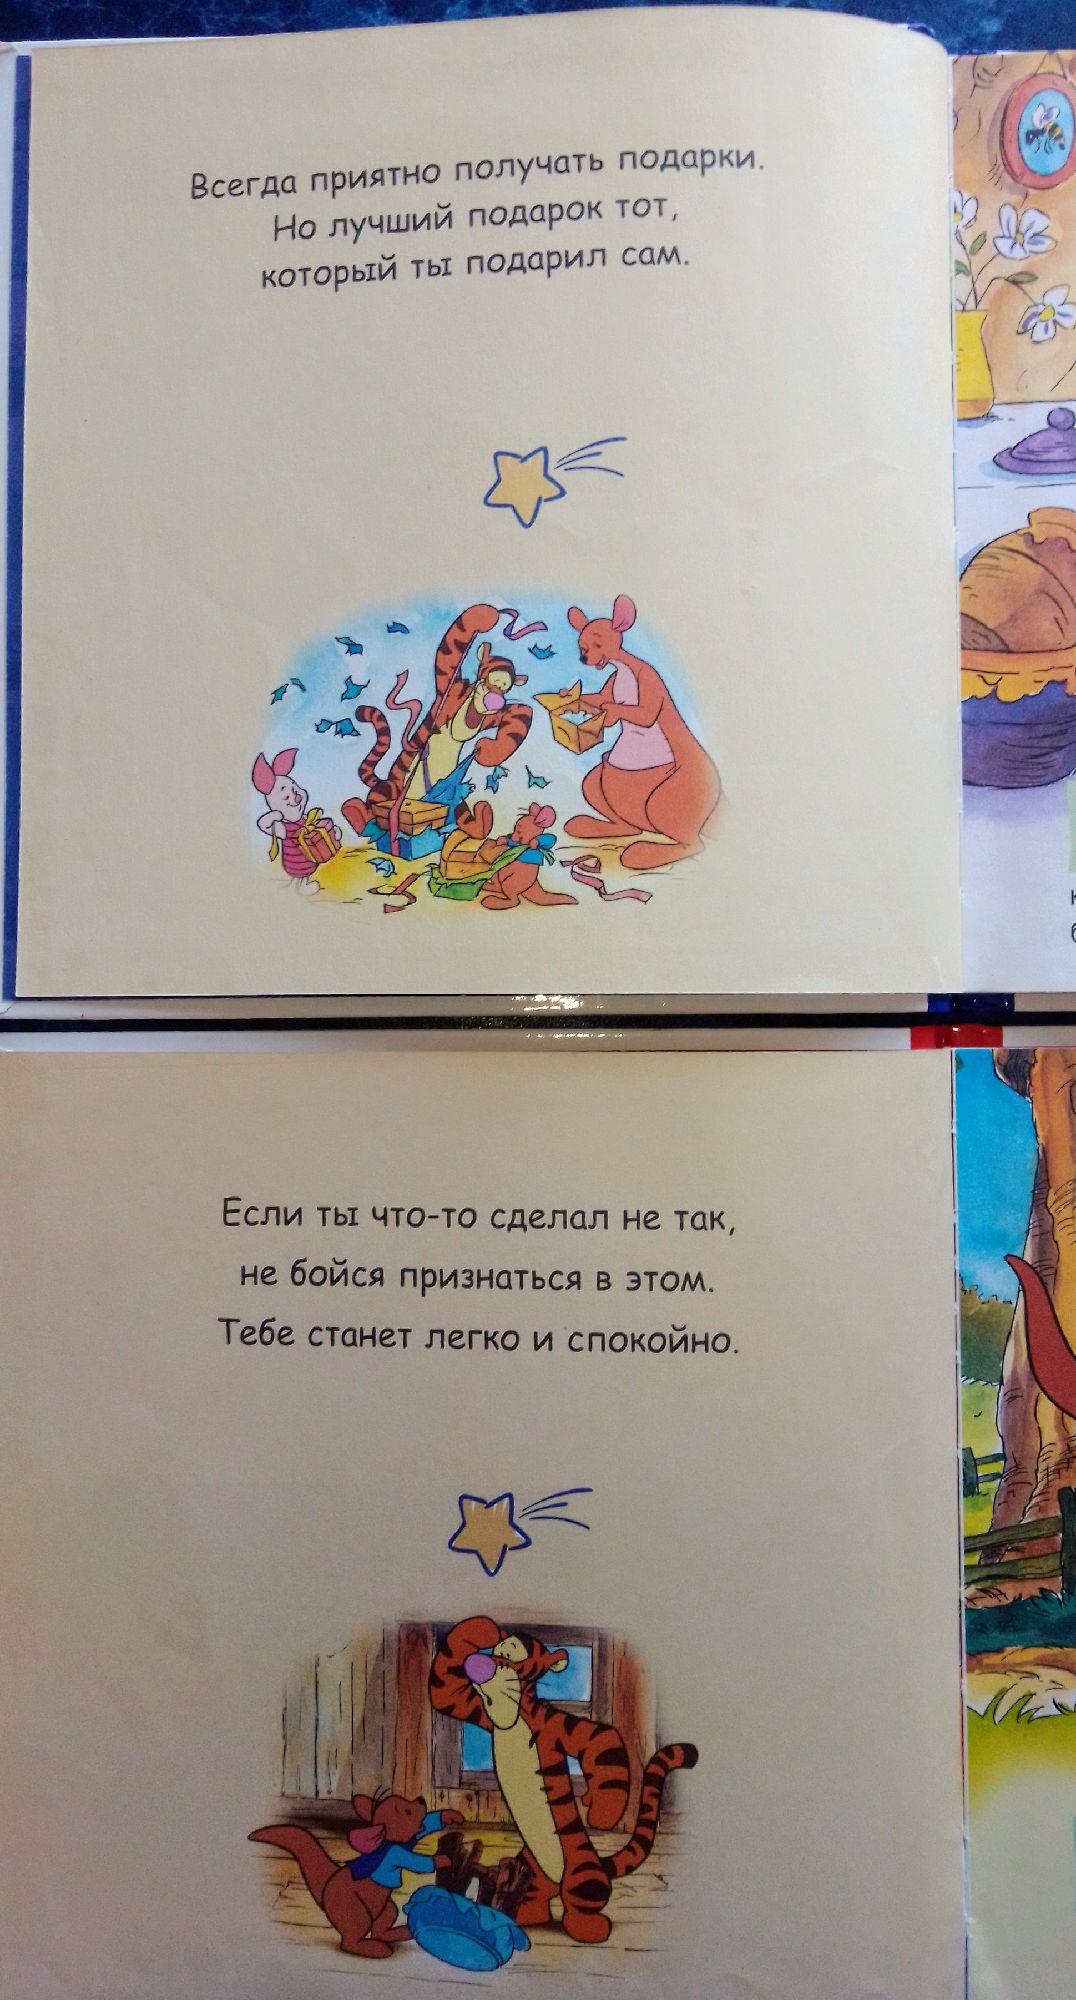 Советы в начале книг